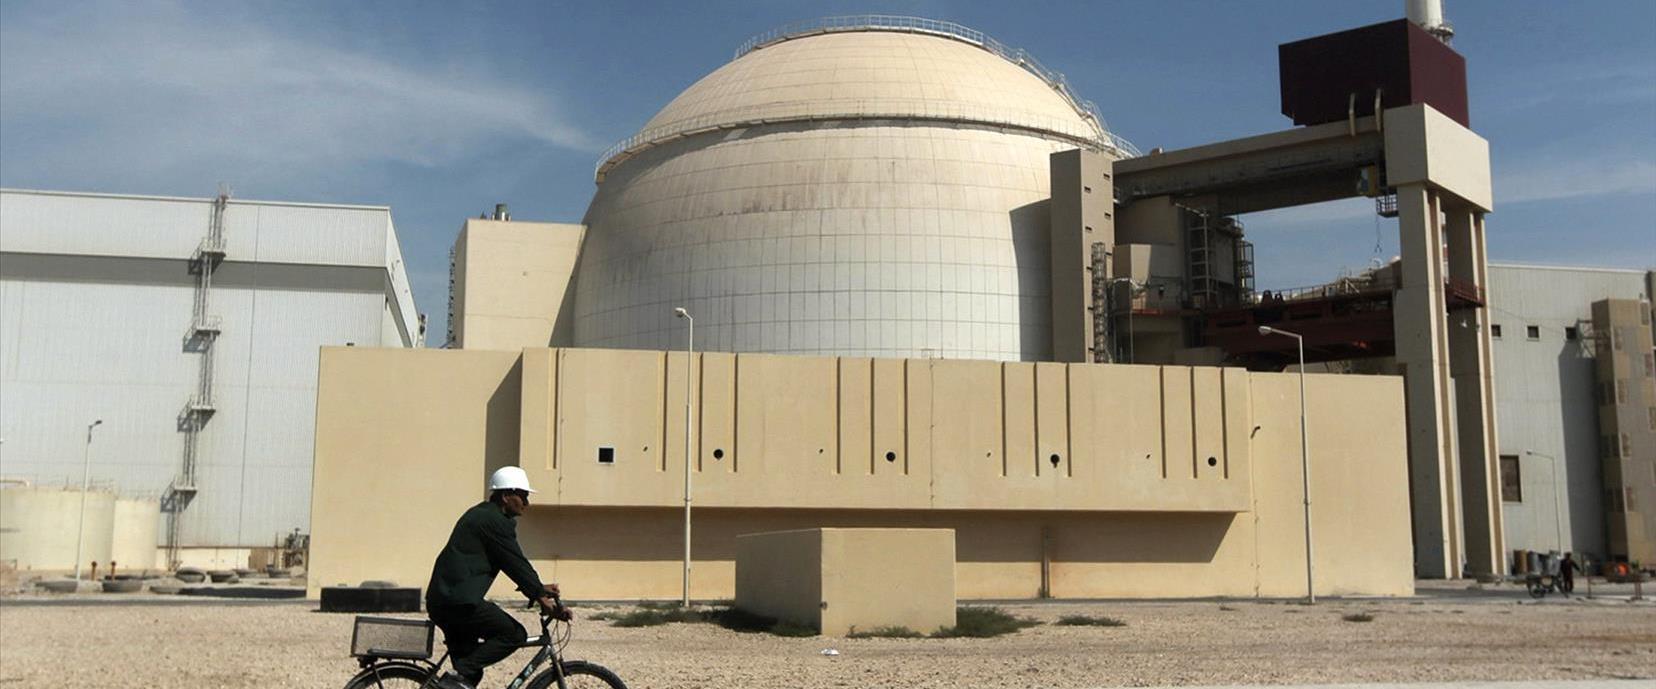 מתקן גרעין באיראן